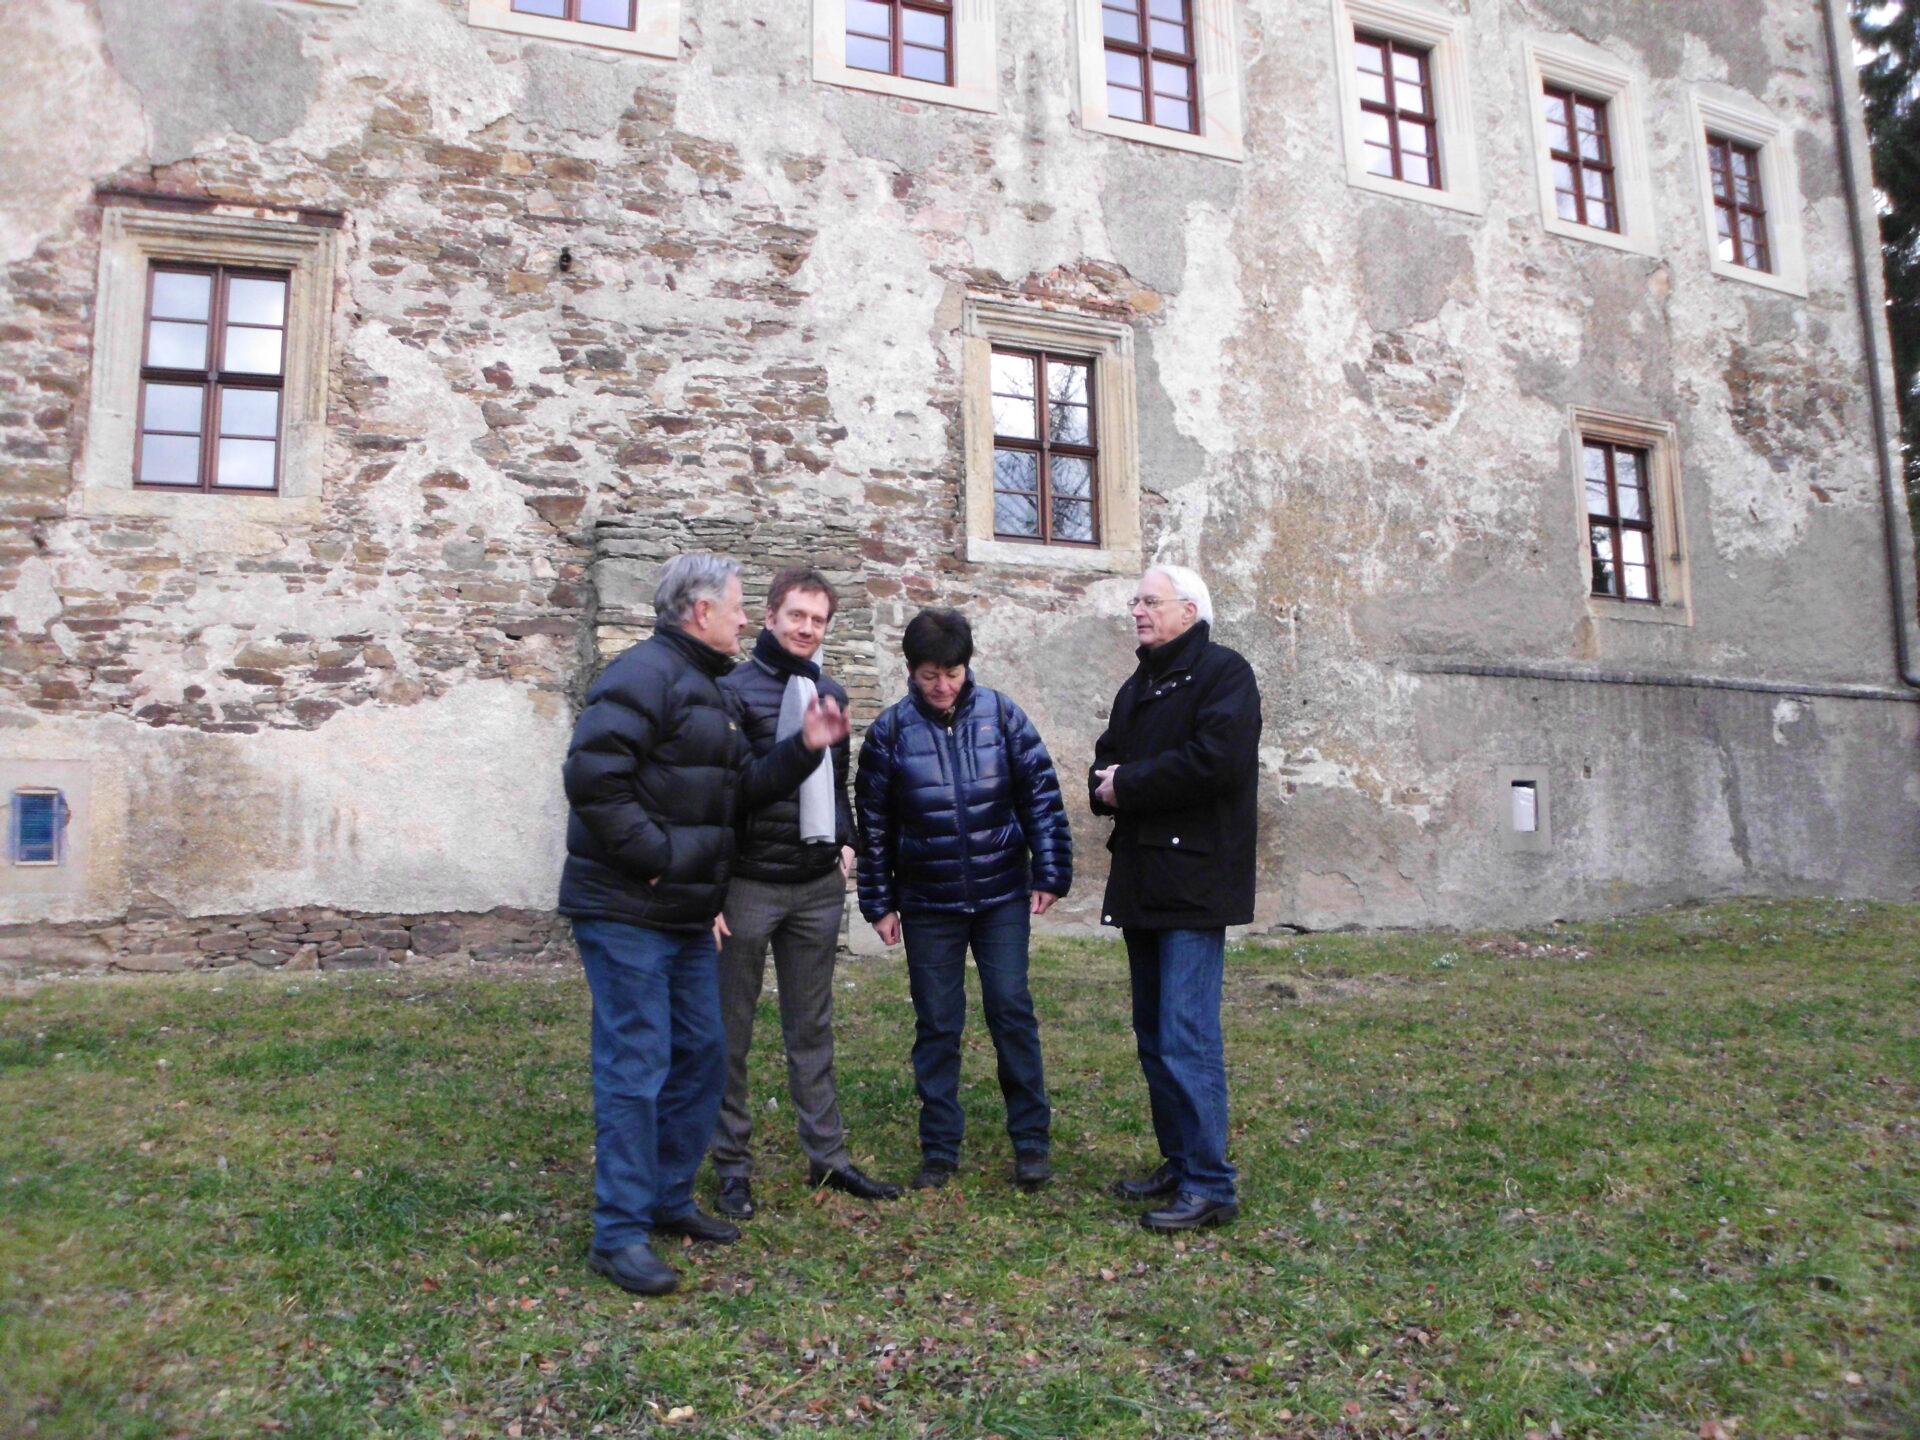 Besuch des damaligen Generalsekretär der CDU Michael Kretschmer und des Bundestagsabgeordneten Günther Baumann, zur tatkräftigen Unterstützung bei der Beschaffung von Fördermittel